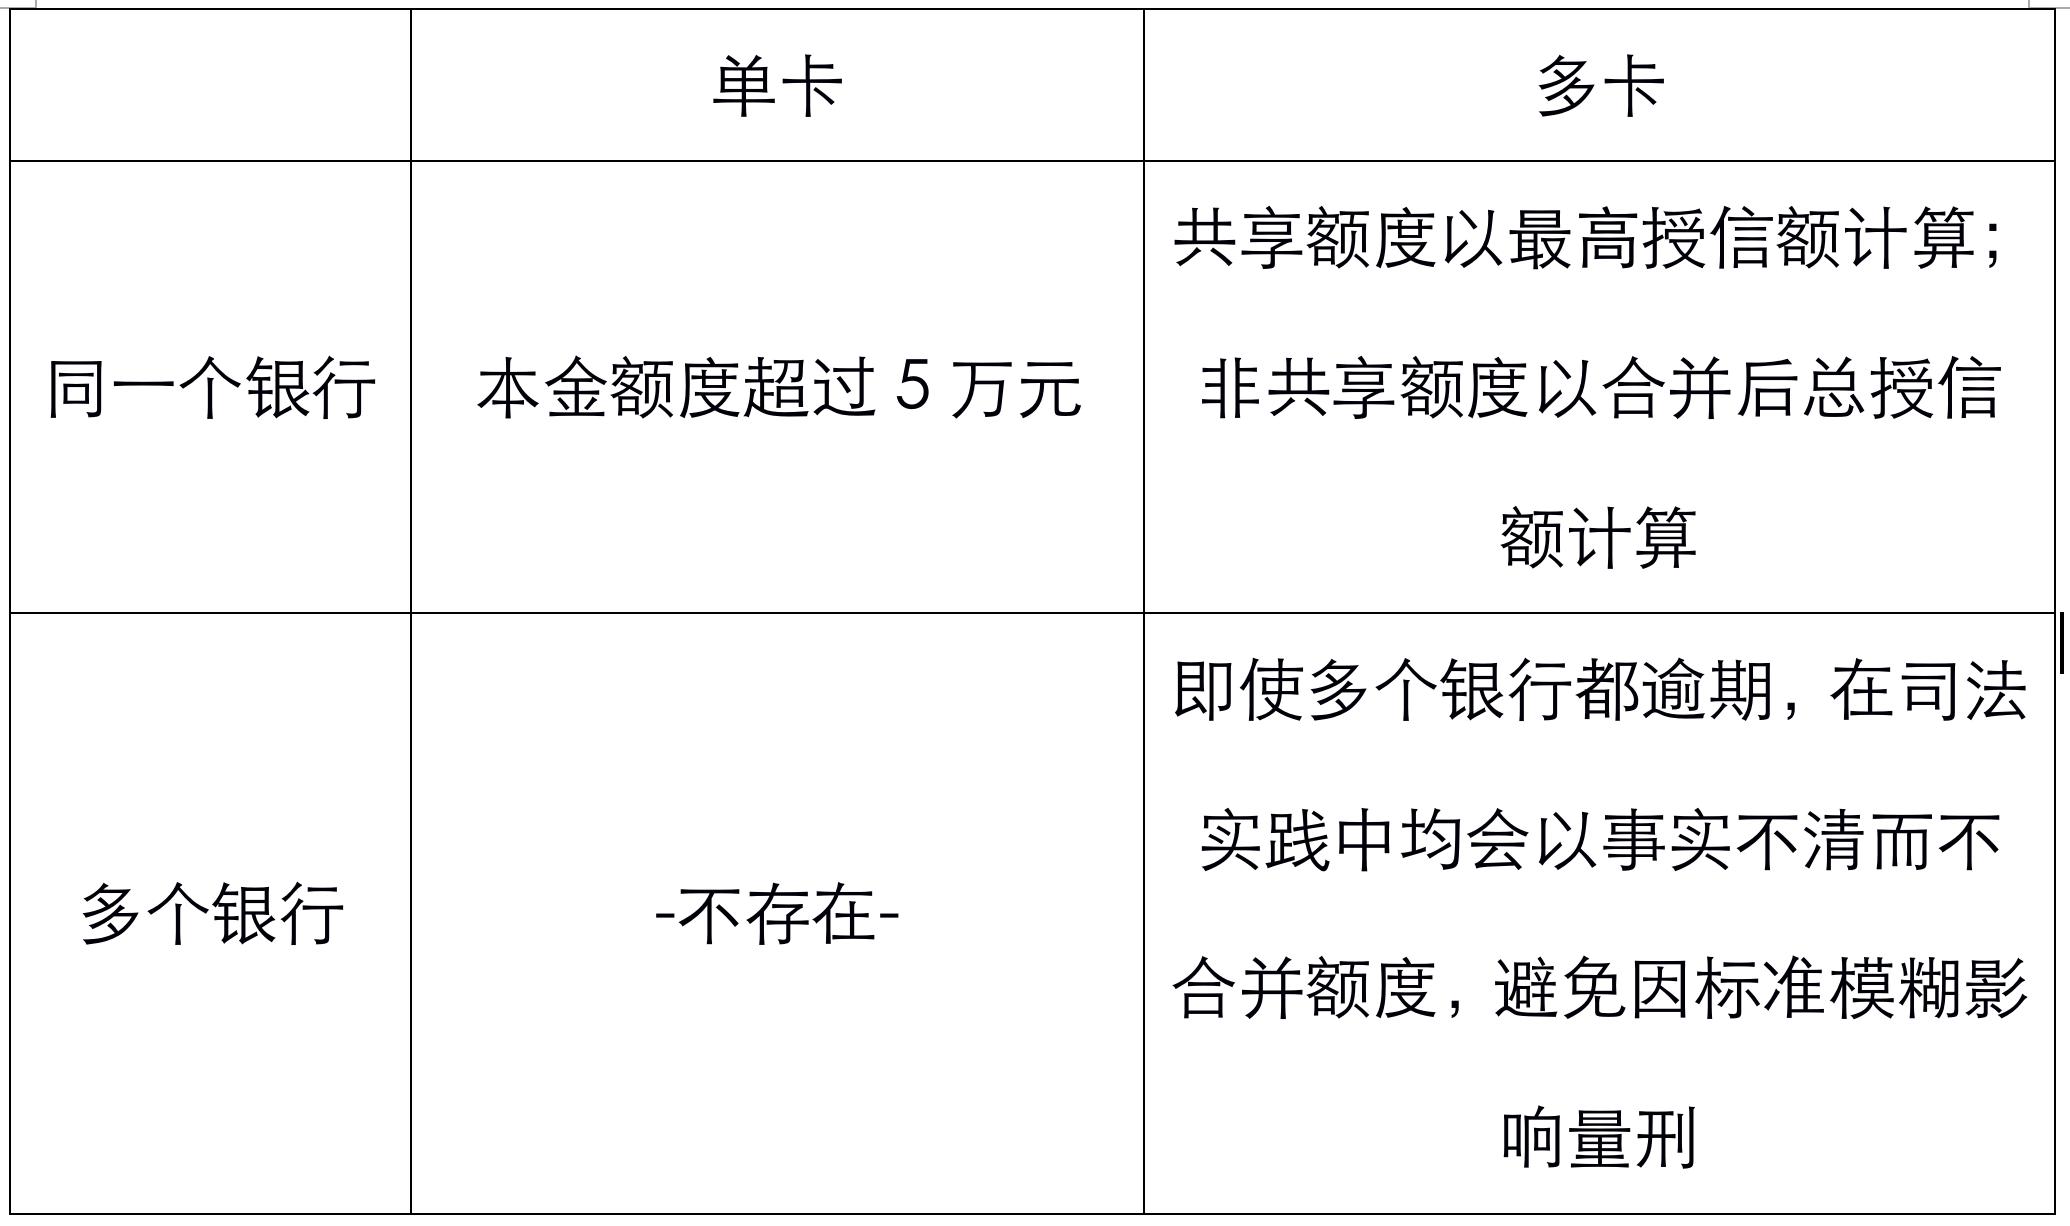 中学女会计鲍某透支5万1判信用卡诈骗,获刑6个月(江苏新沂)